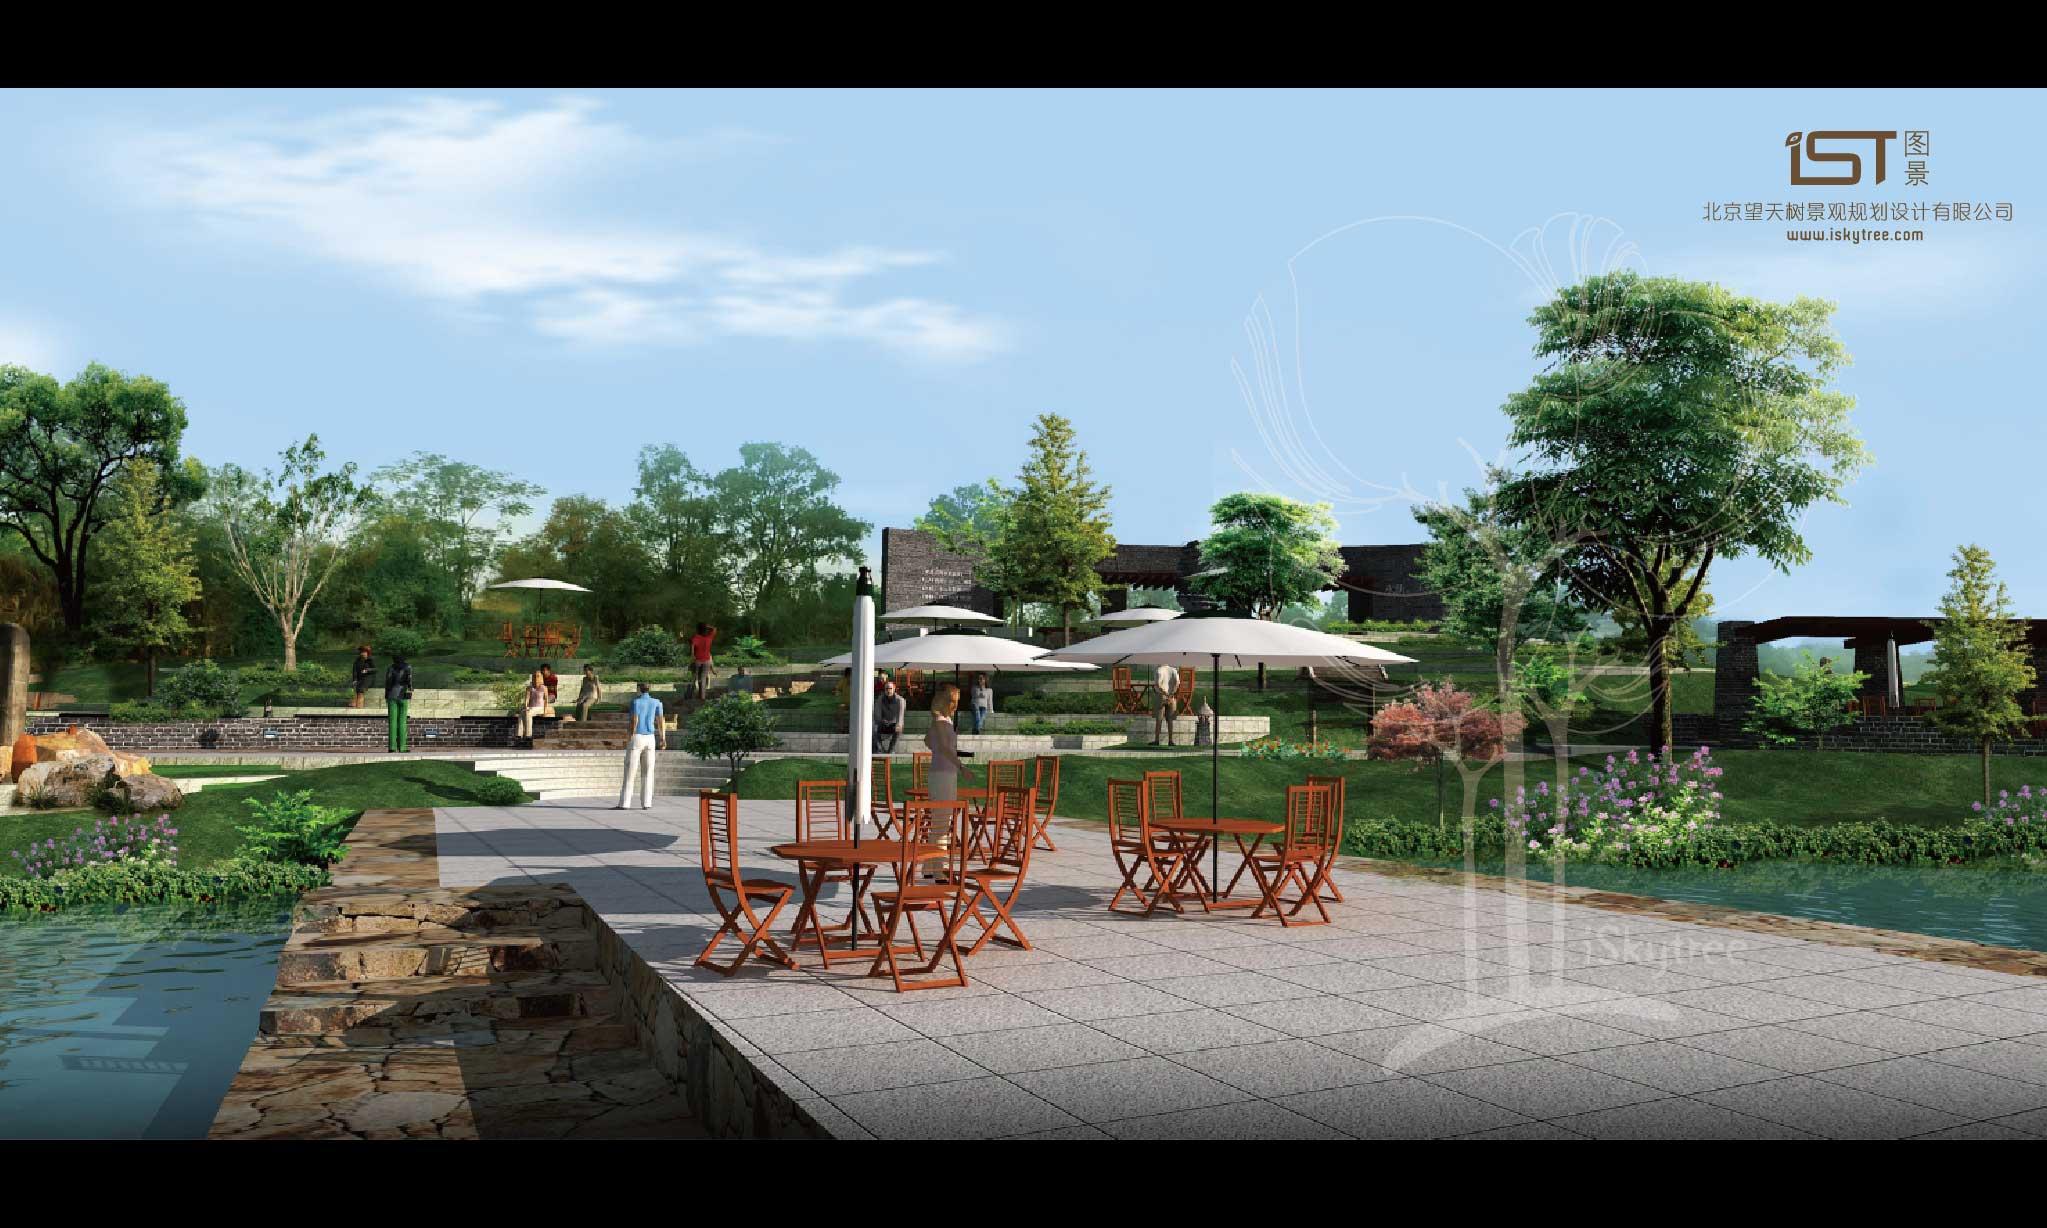 湿地景观节点设计方案效果表现